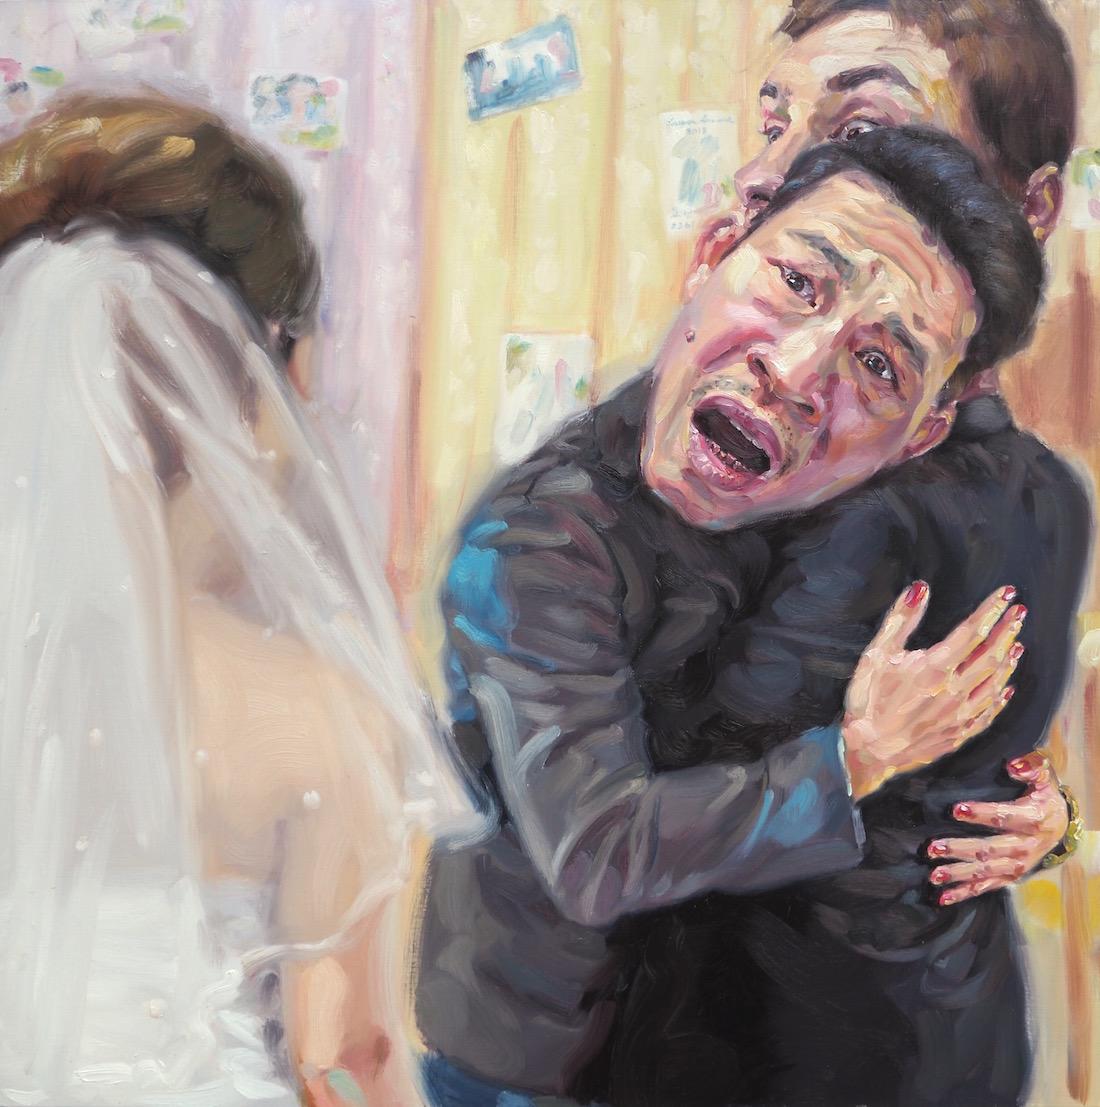 แอบมองเธออยู่นะจ๊ะ เธอไม่รู้บ้างเลย (Is that my groom?), oil on linen, 120x120 cm.